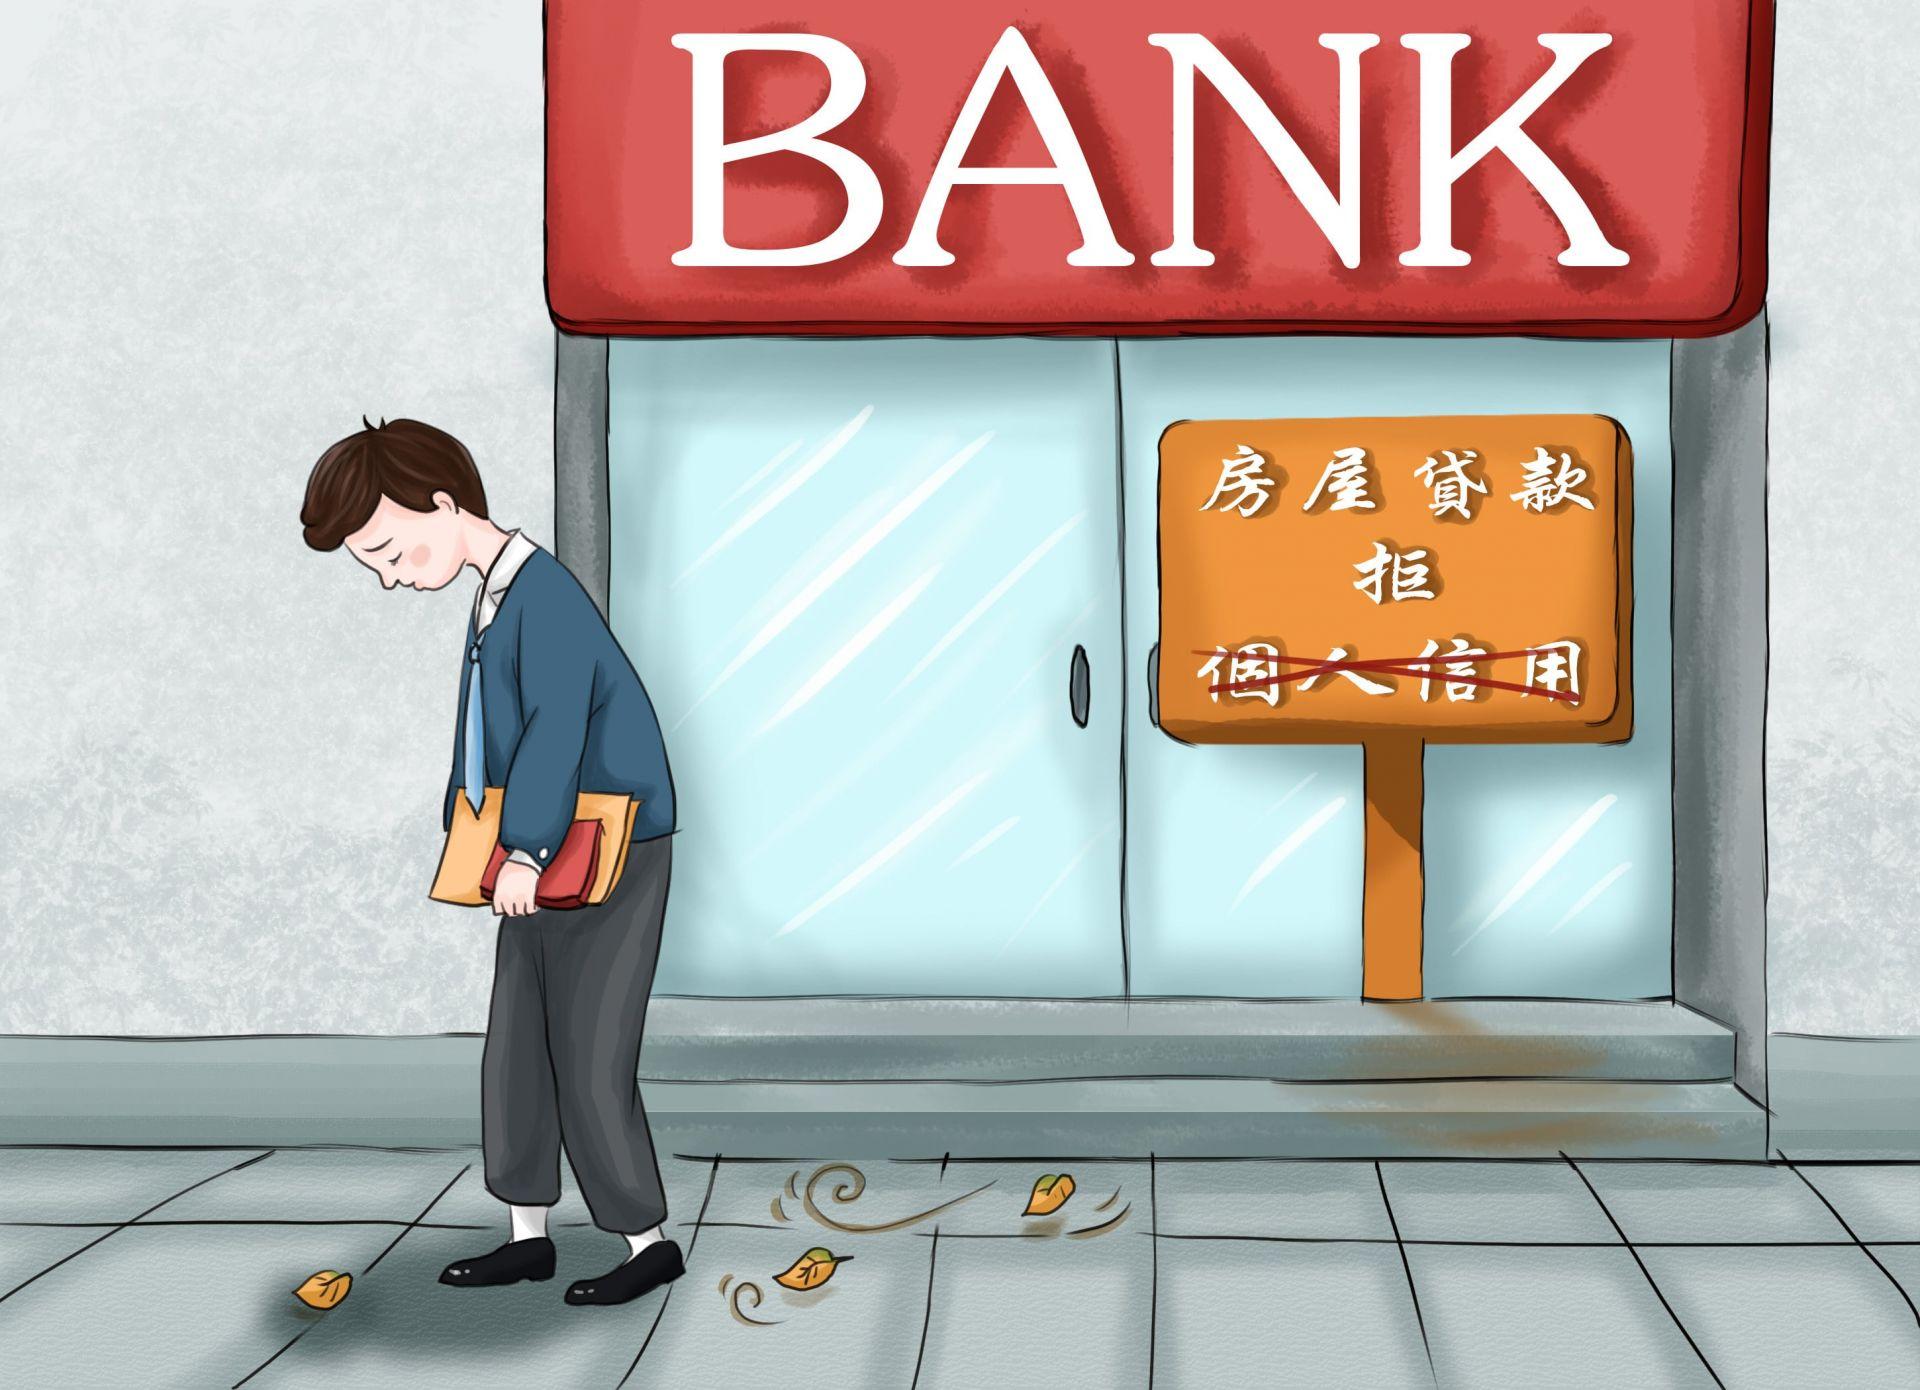 民間代書貸款是什麼?為您做個簡單介紹   賱融代書事務所 - 民間代書貸款推薦賱融房屋二胎。貸款保密 ...